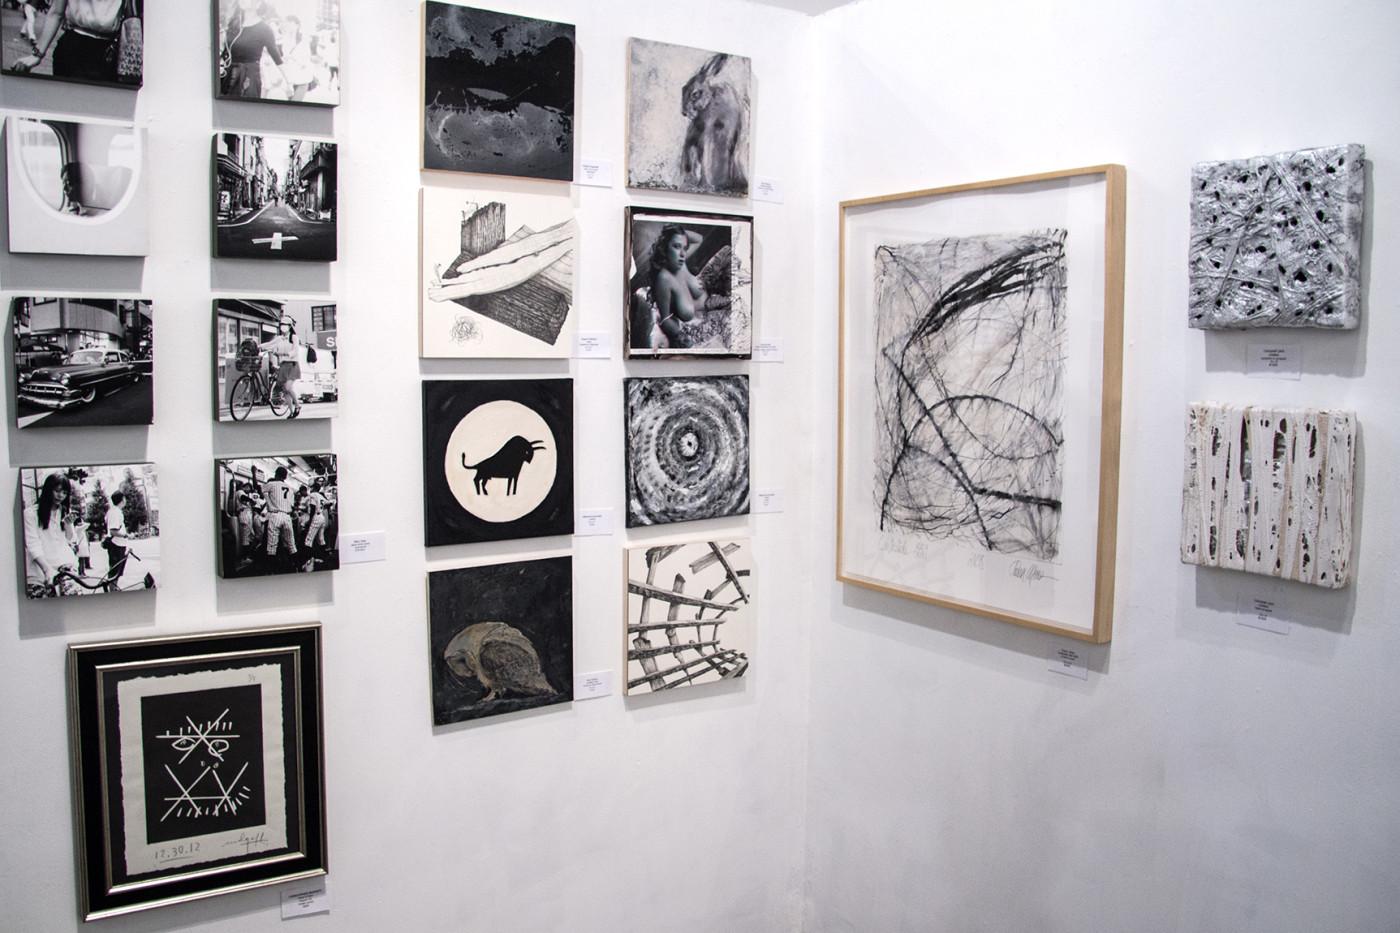 Bleicher Gallery, Grayscale Wonderland